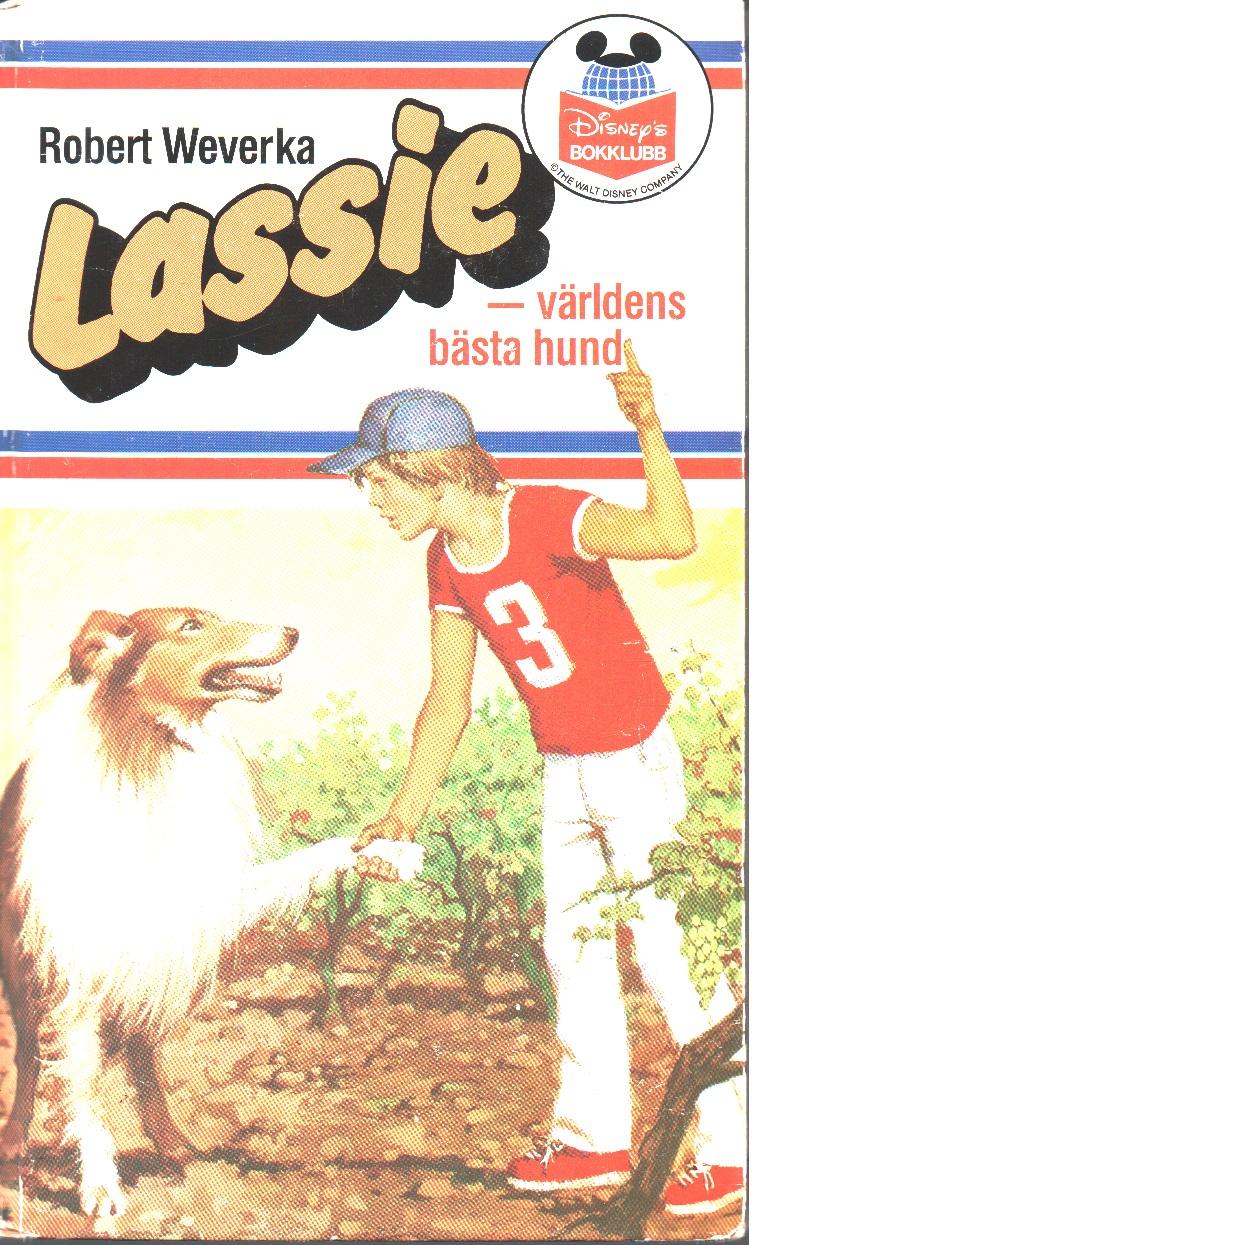 Lassie - världens bästa hund - Weverka, Robert